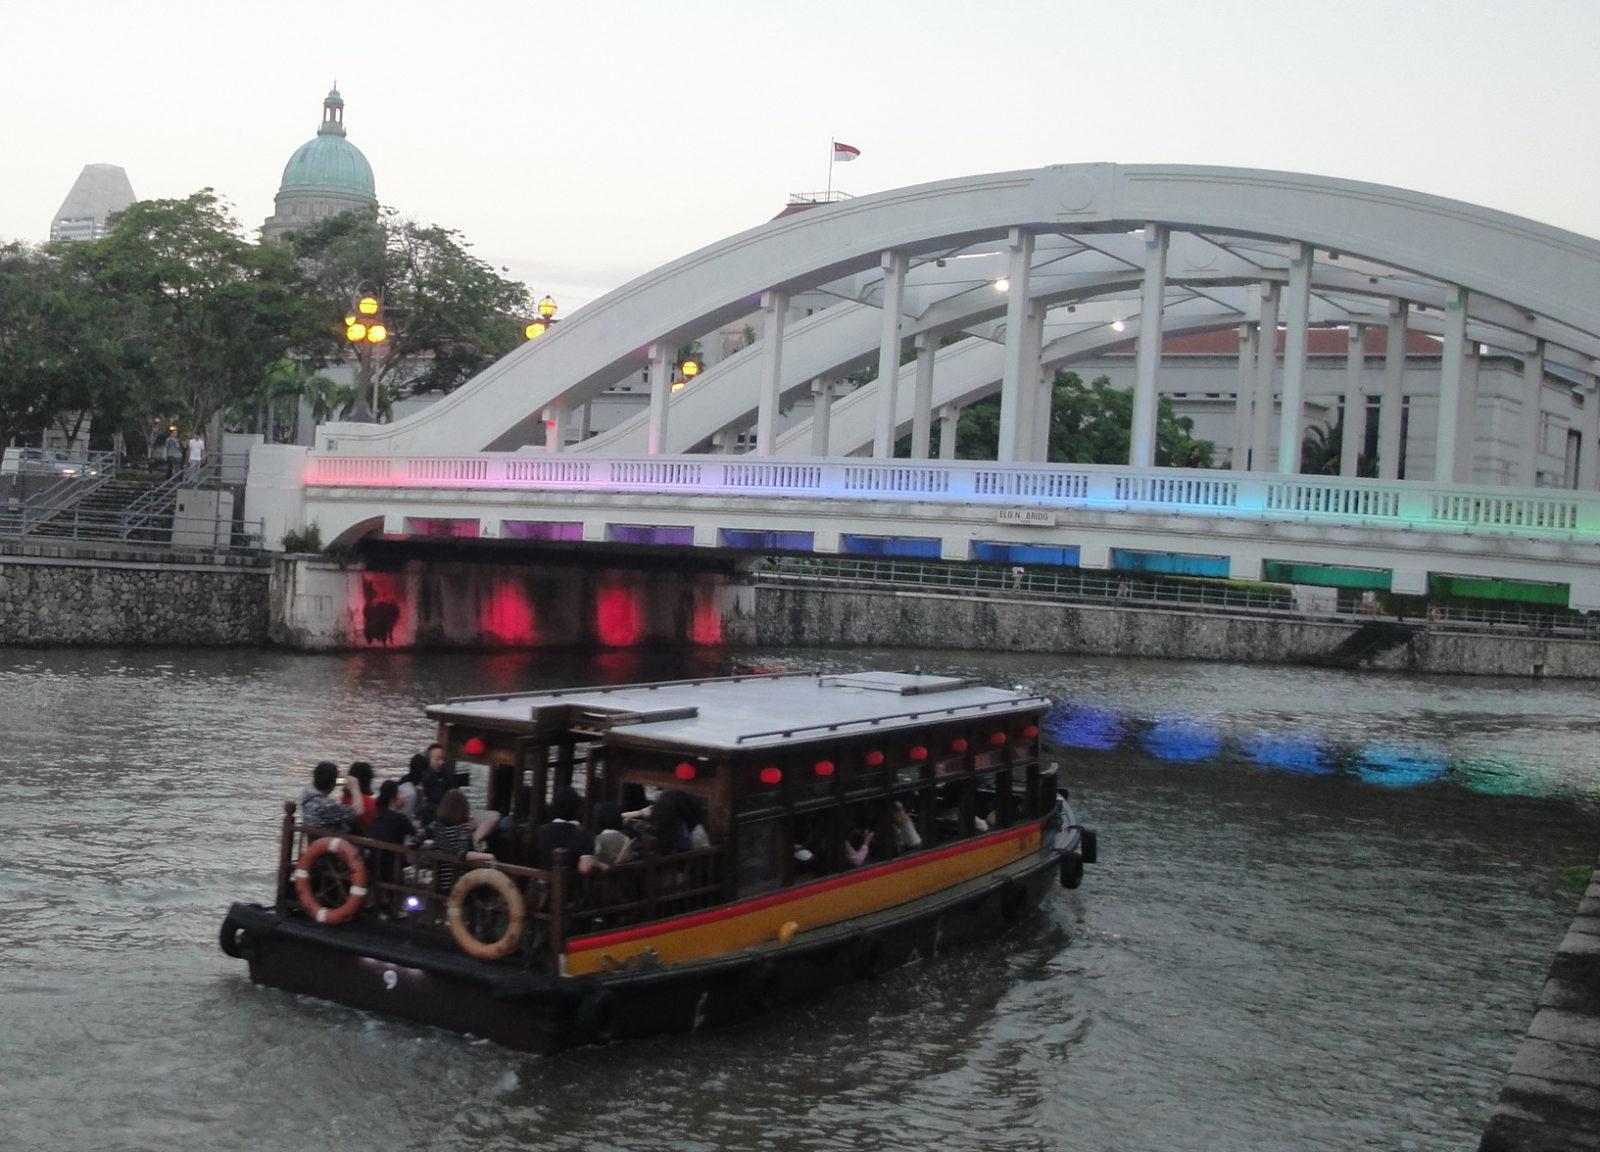 Набережная реки Сингапура. Прогулка на кораблике по реке.